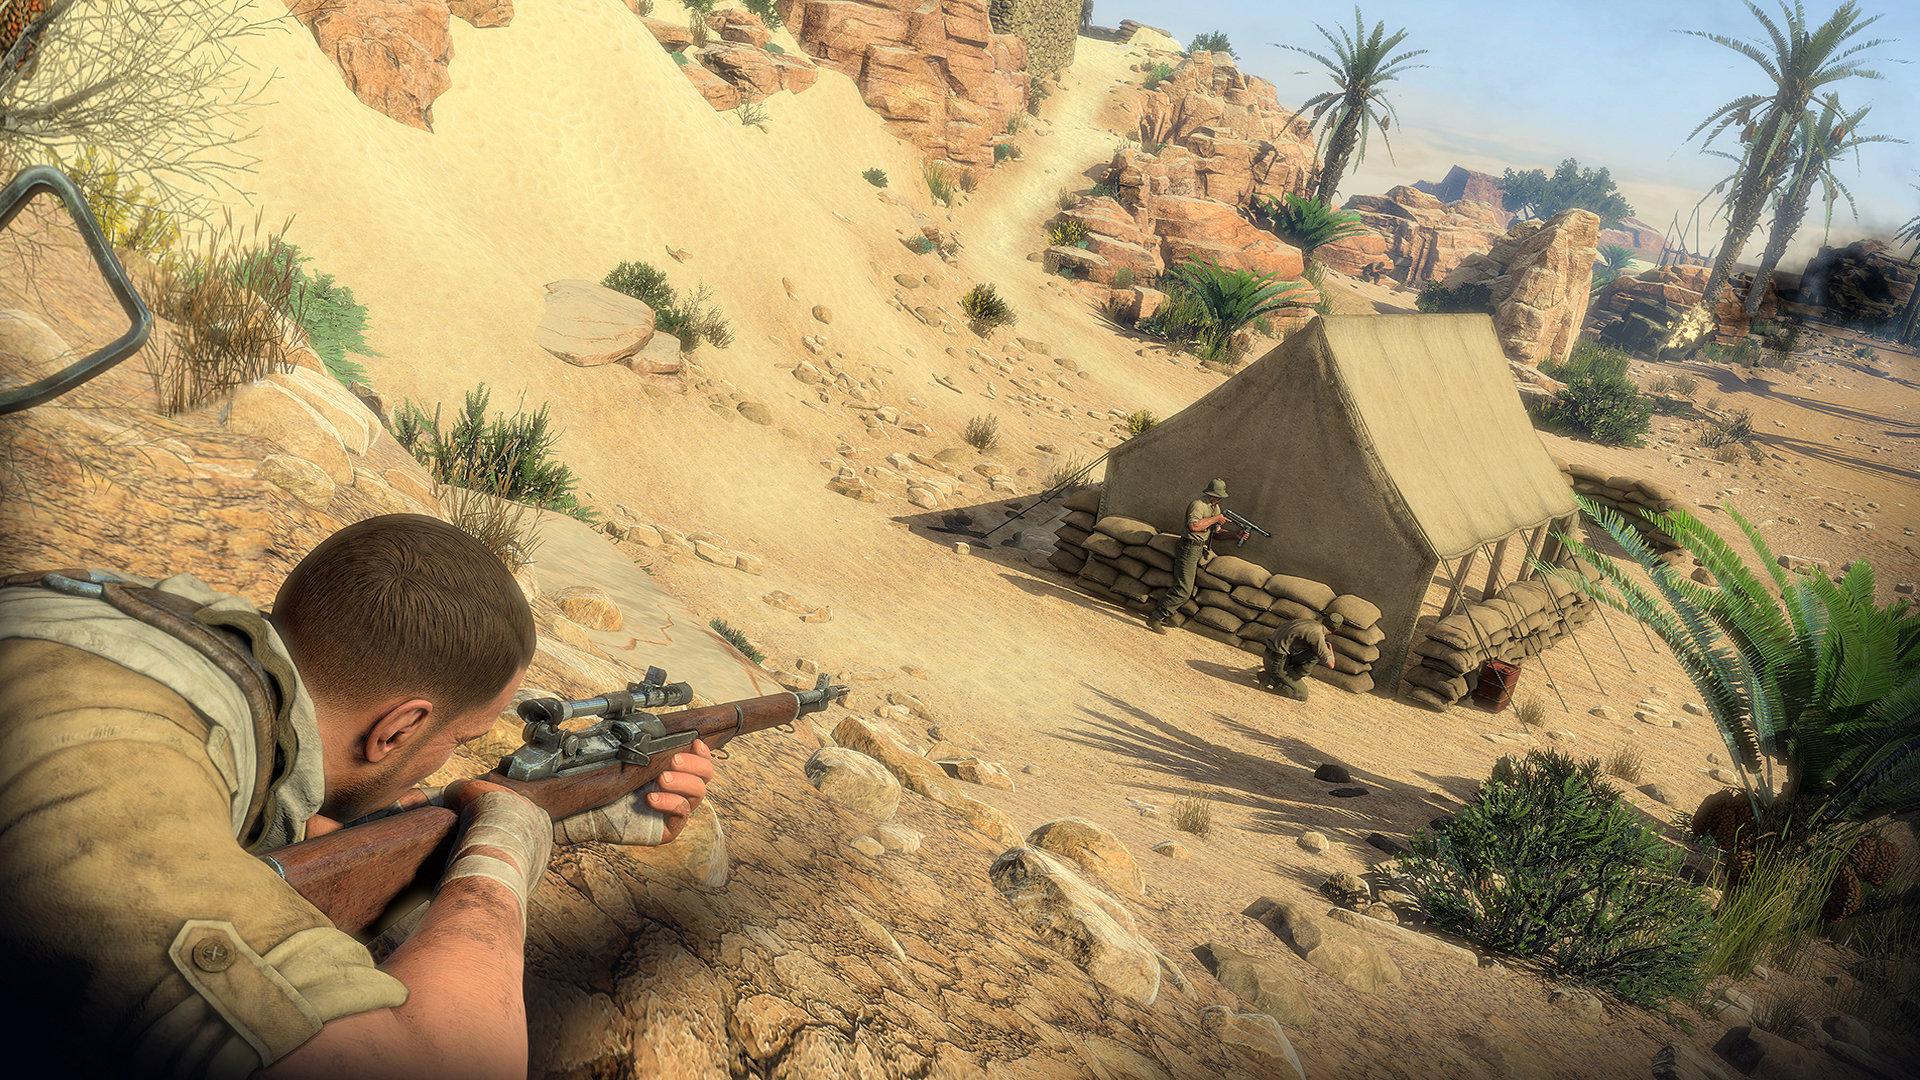 скачать игру снайпер элит 3 на андроид